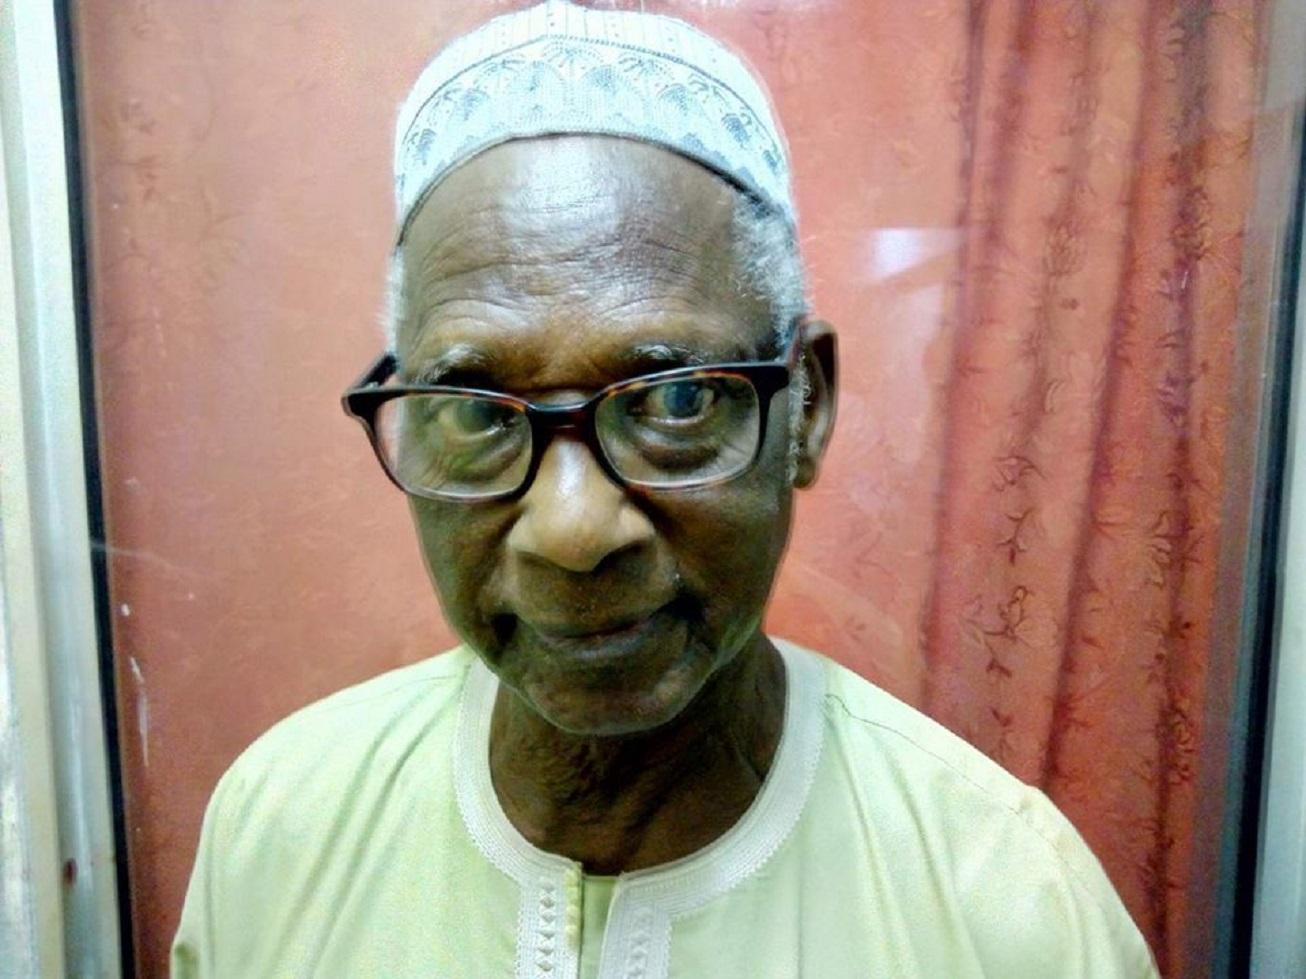 Souleymane Diallo, fondateur et administrateur général du groupe Lynx, Lance, Lynx FM